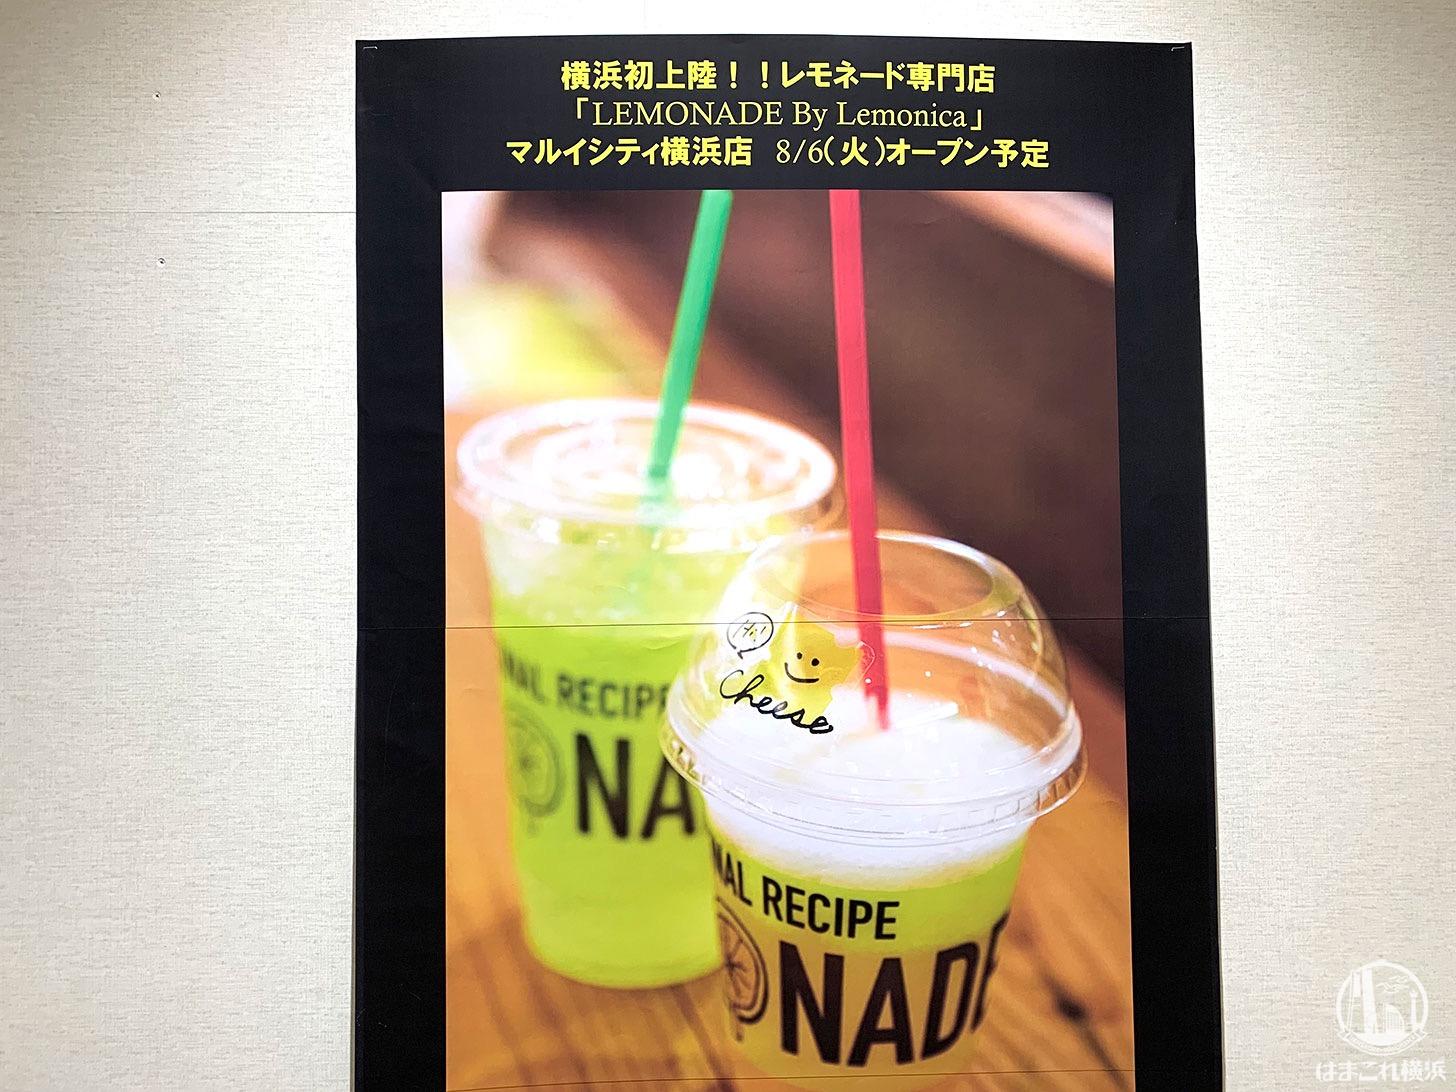 レモネード専門店「レモネードbyレモニカ」マルイシティ横浜に8月オープン!